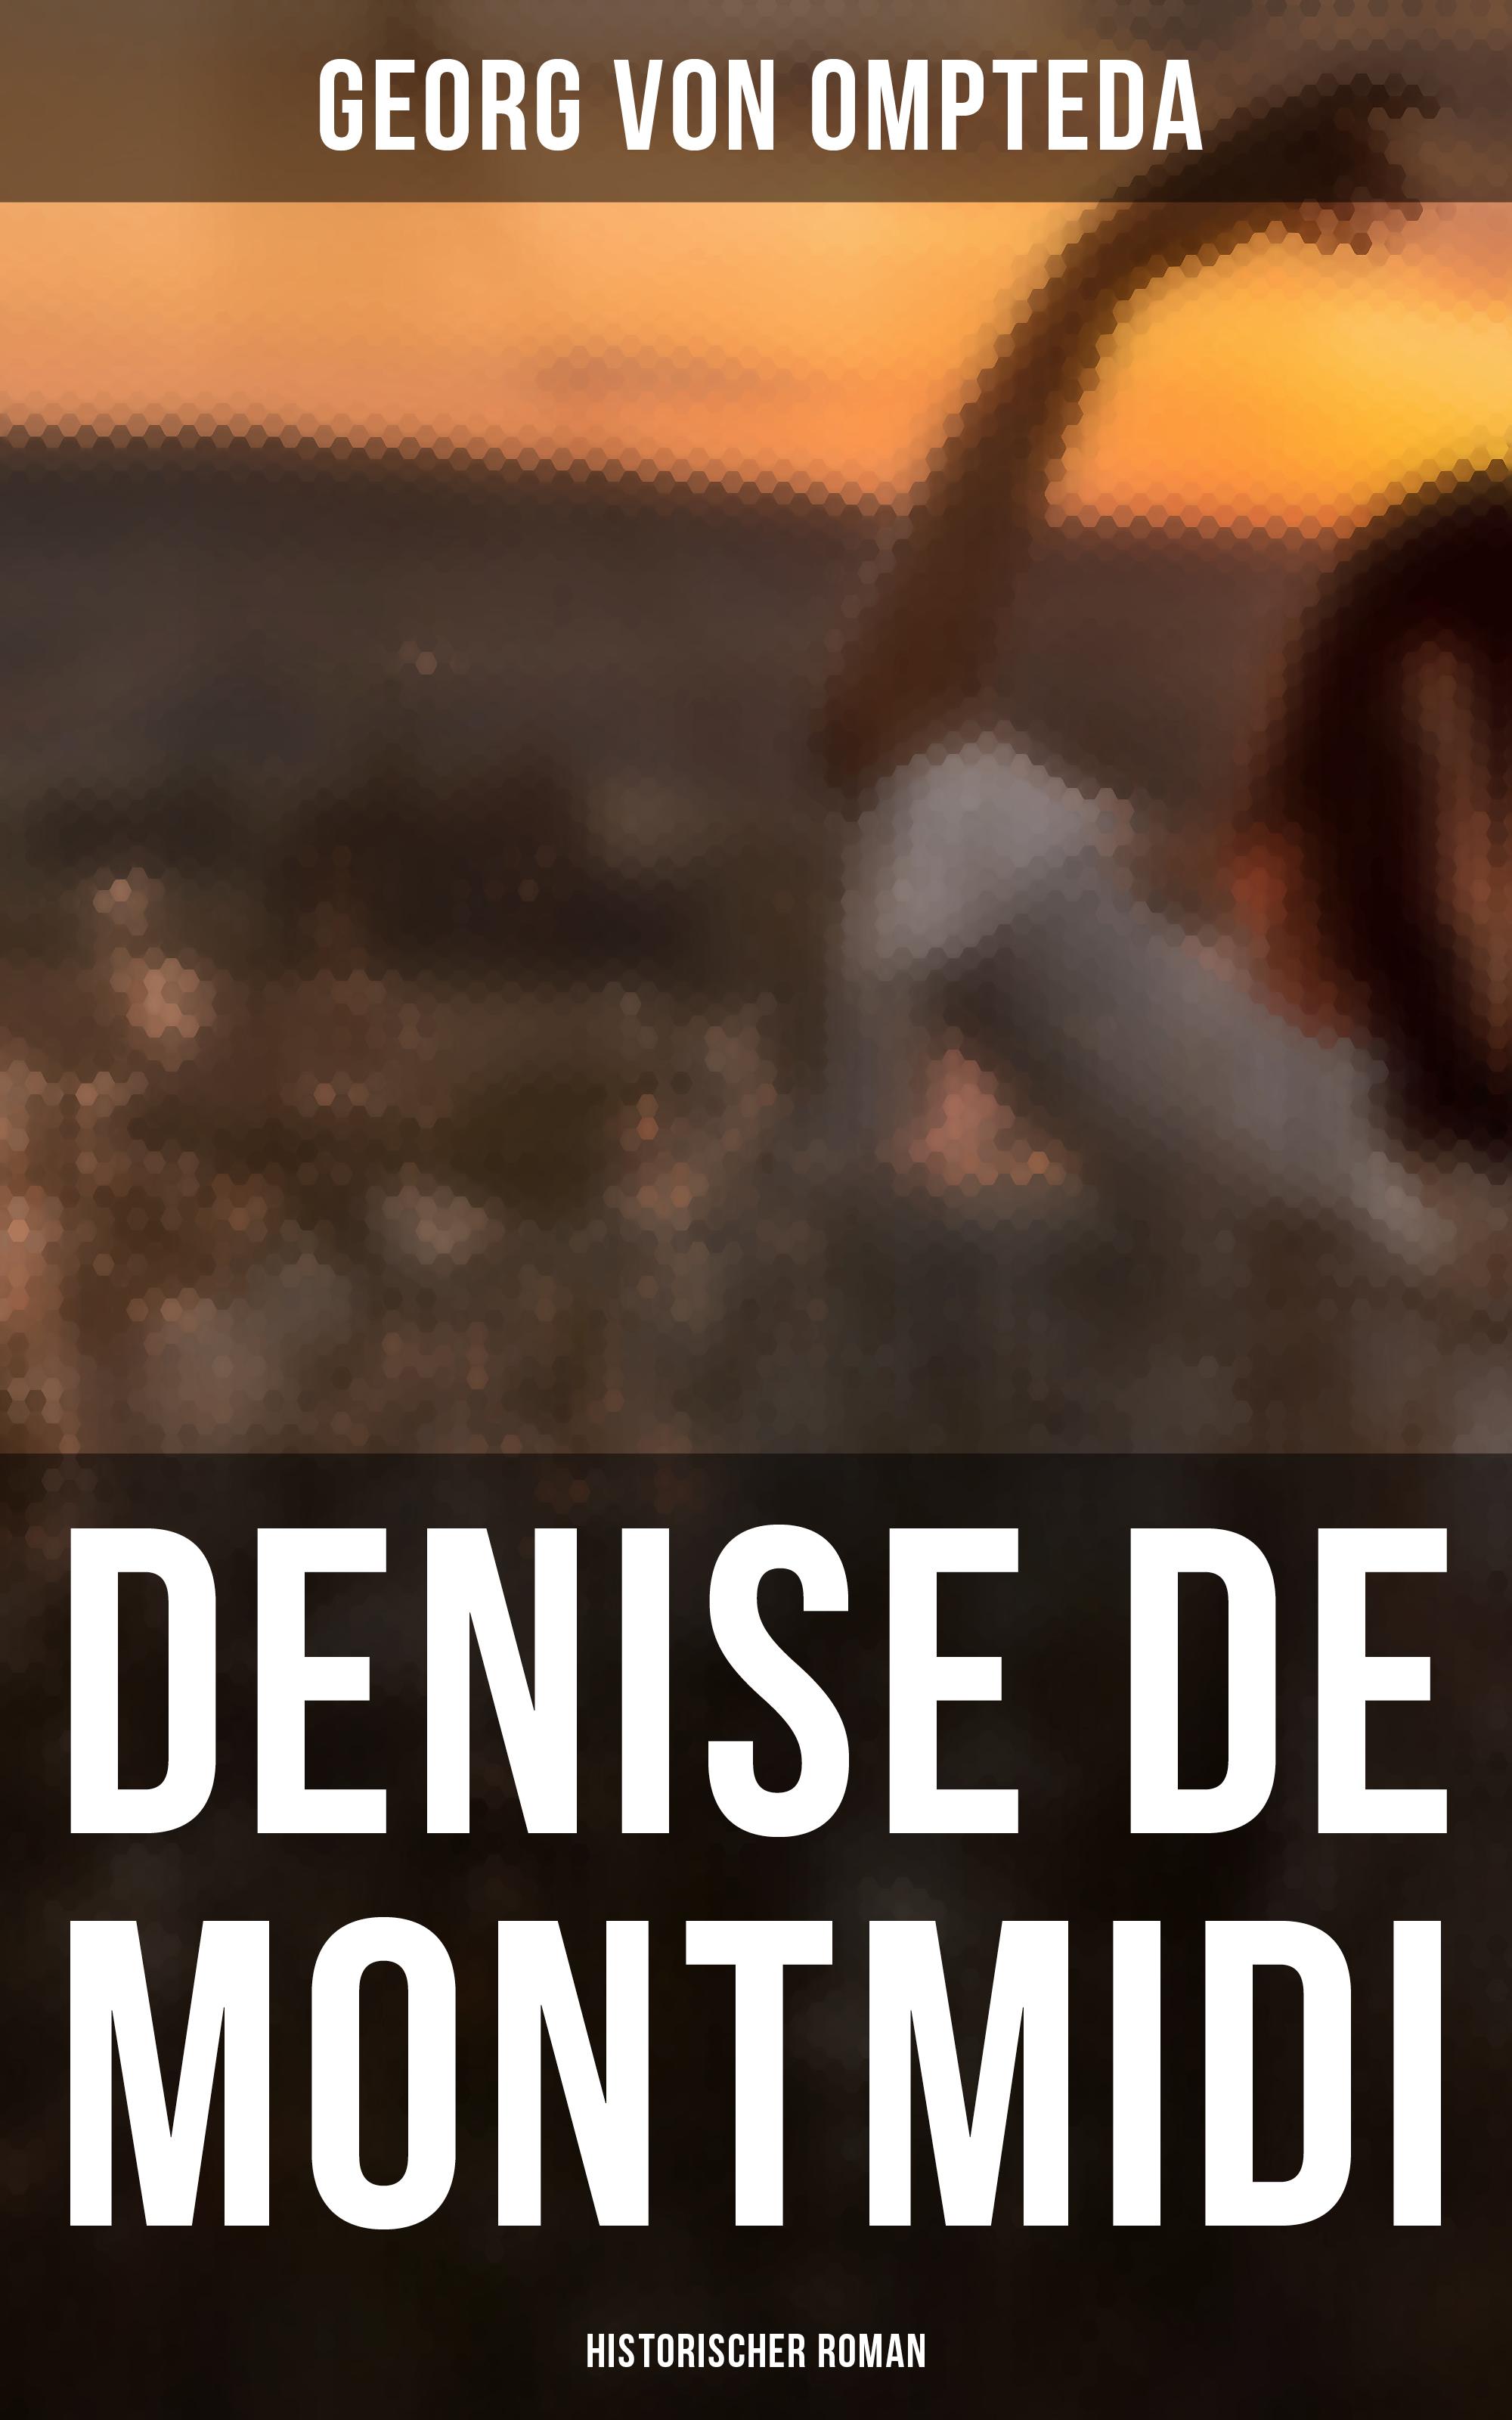 Georg von Ompteda Denise de Montmidi (Historischer Roman) franz georg maier franz georg maier von winckelmann zu schliemann archaologie als eroberungswissenschaft des 19 jahrhunderts